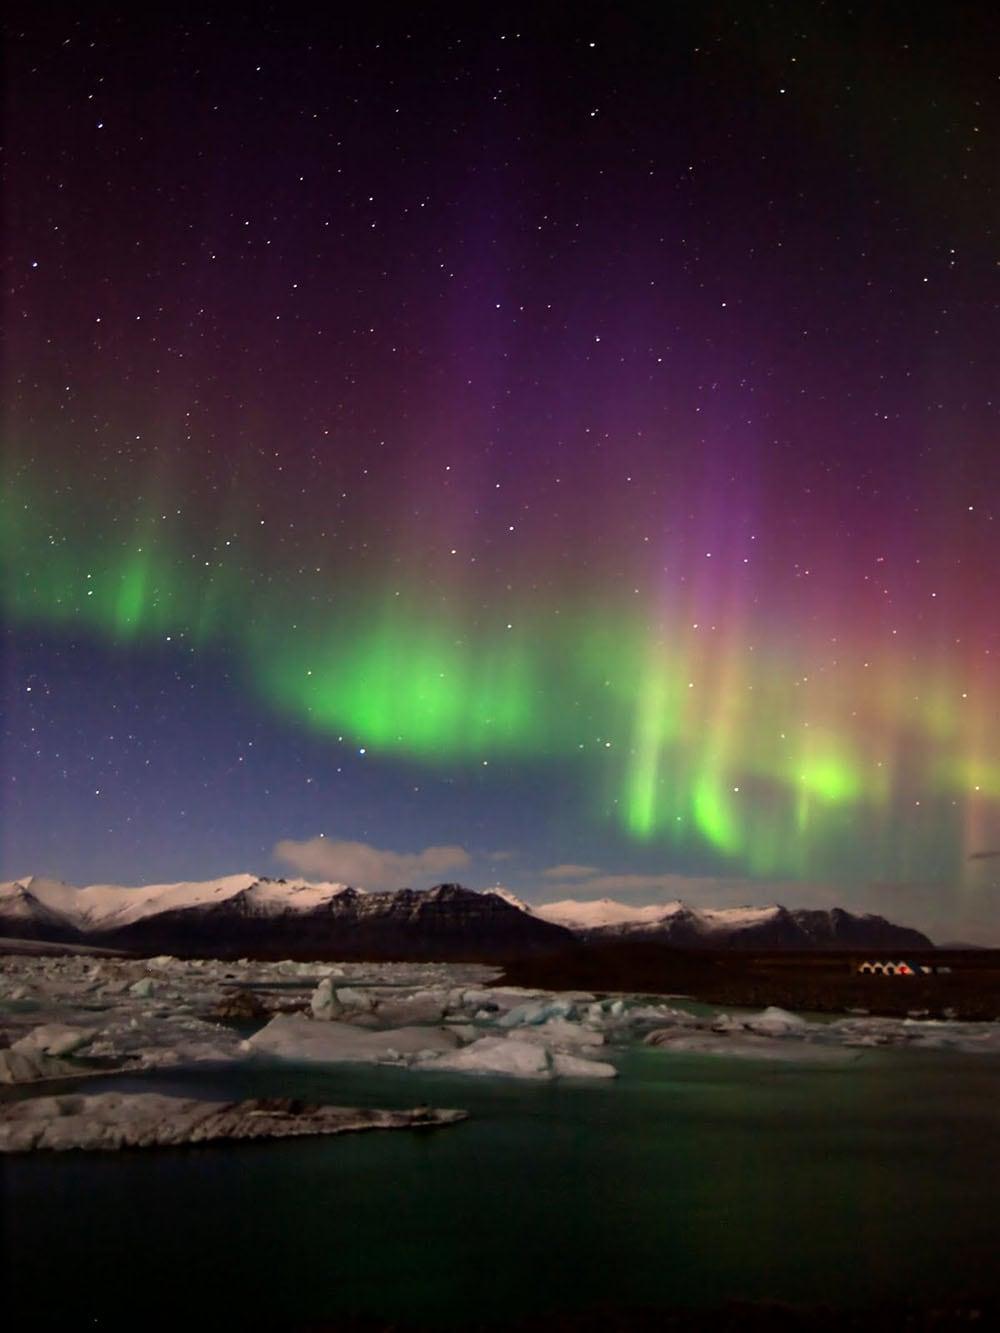 Iceland-aurora-borealis20130223_0002